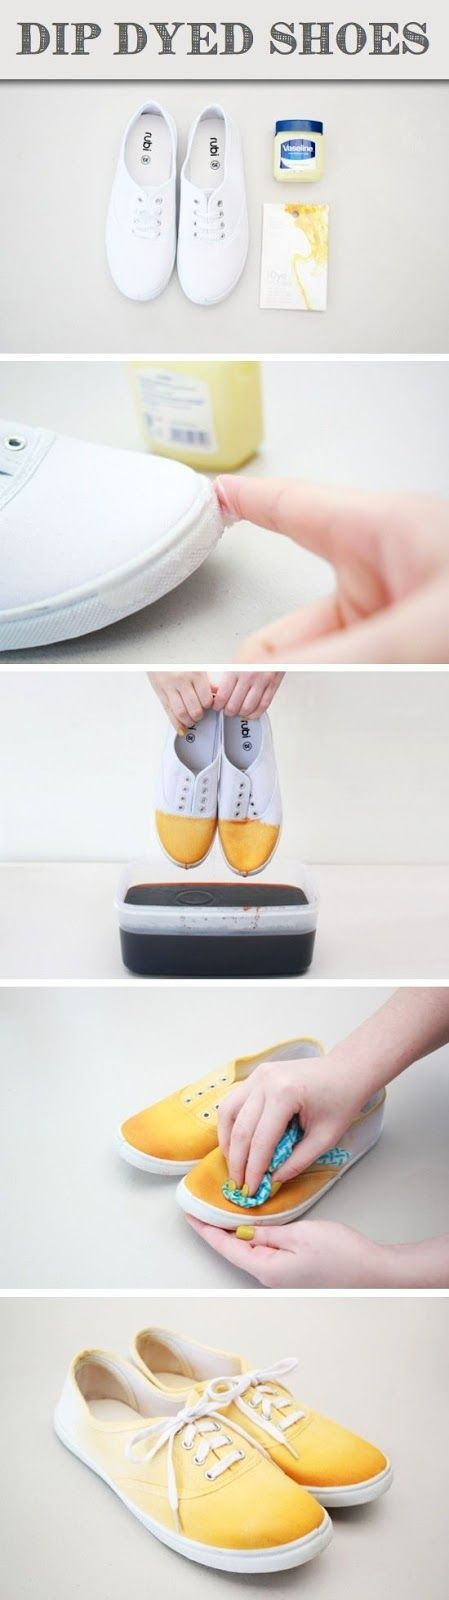 DIY Dyed Shoes #diy #oldshoes #fashion